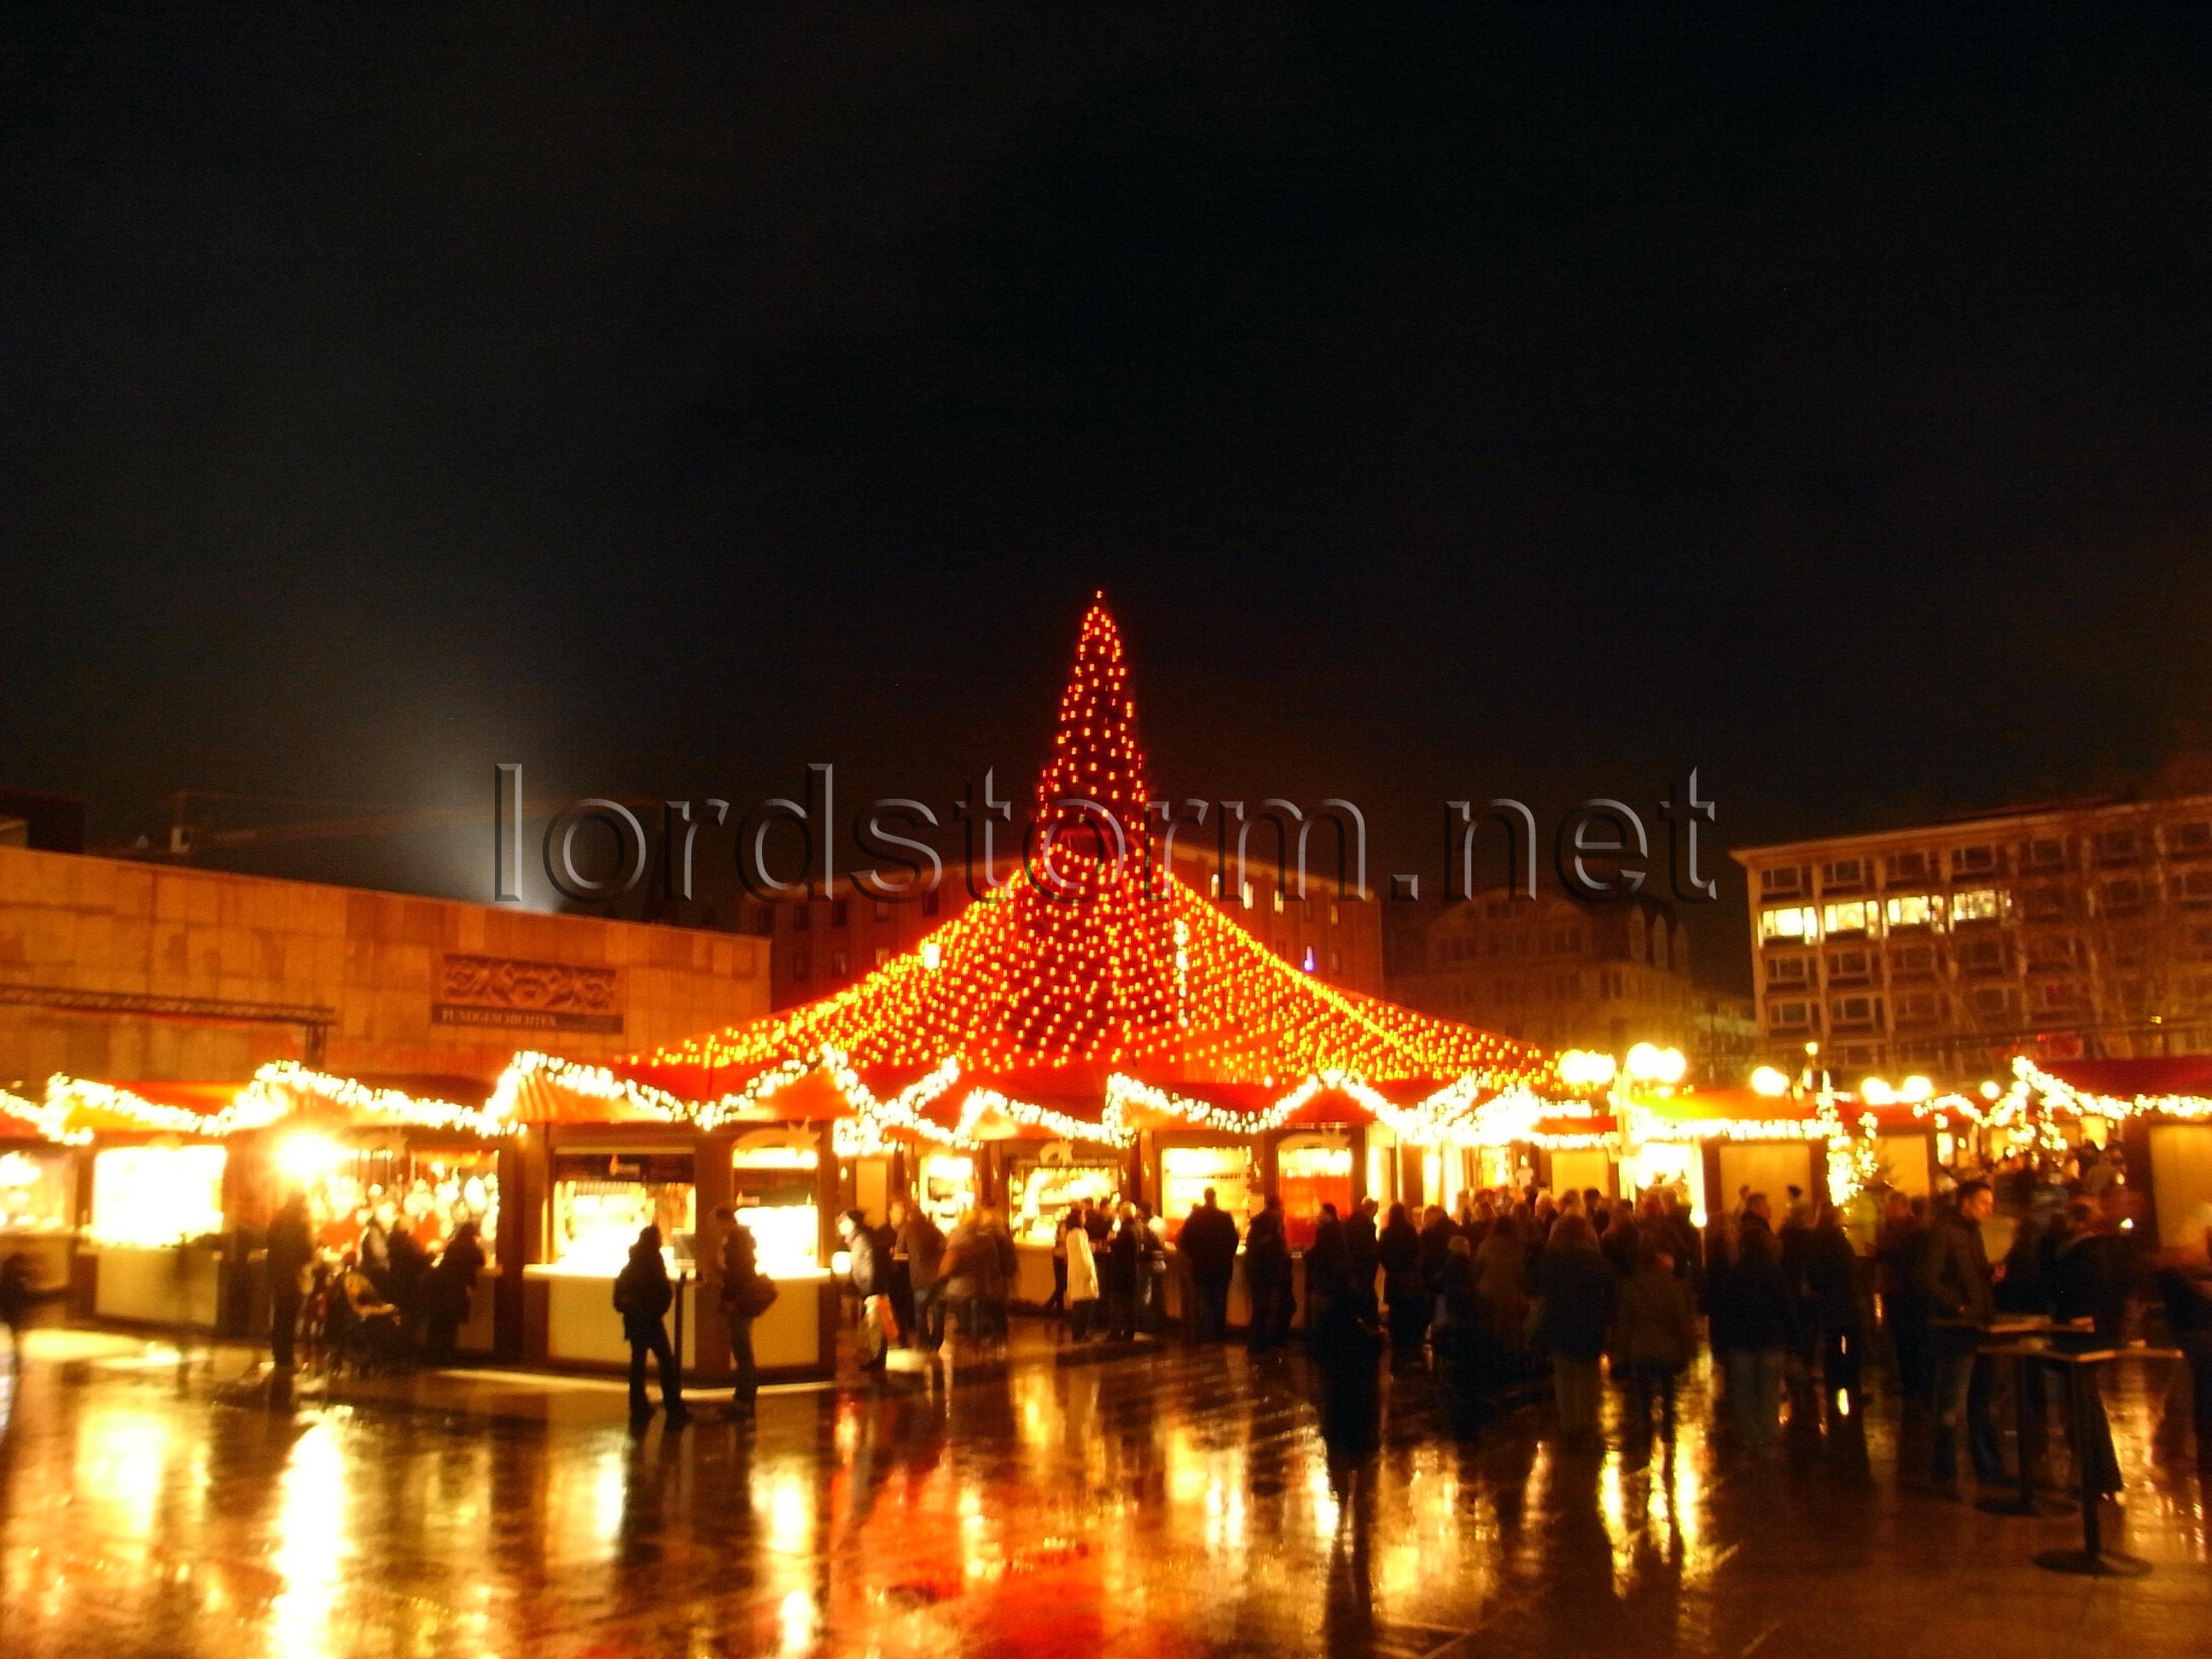 Weihnachtsmarkt I.Germany 2010 Kölner Weihnachtsmarkt I